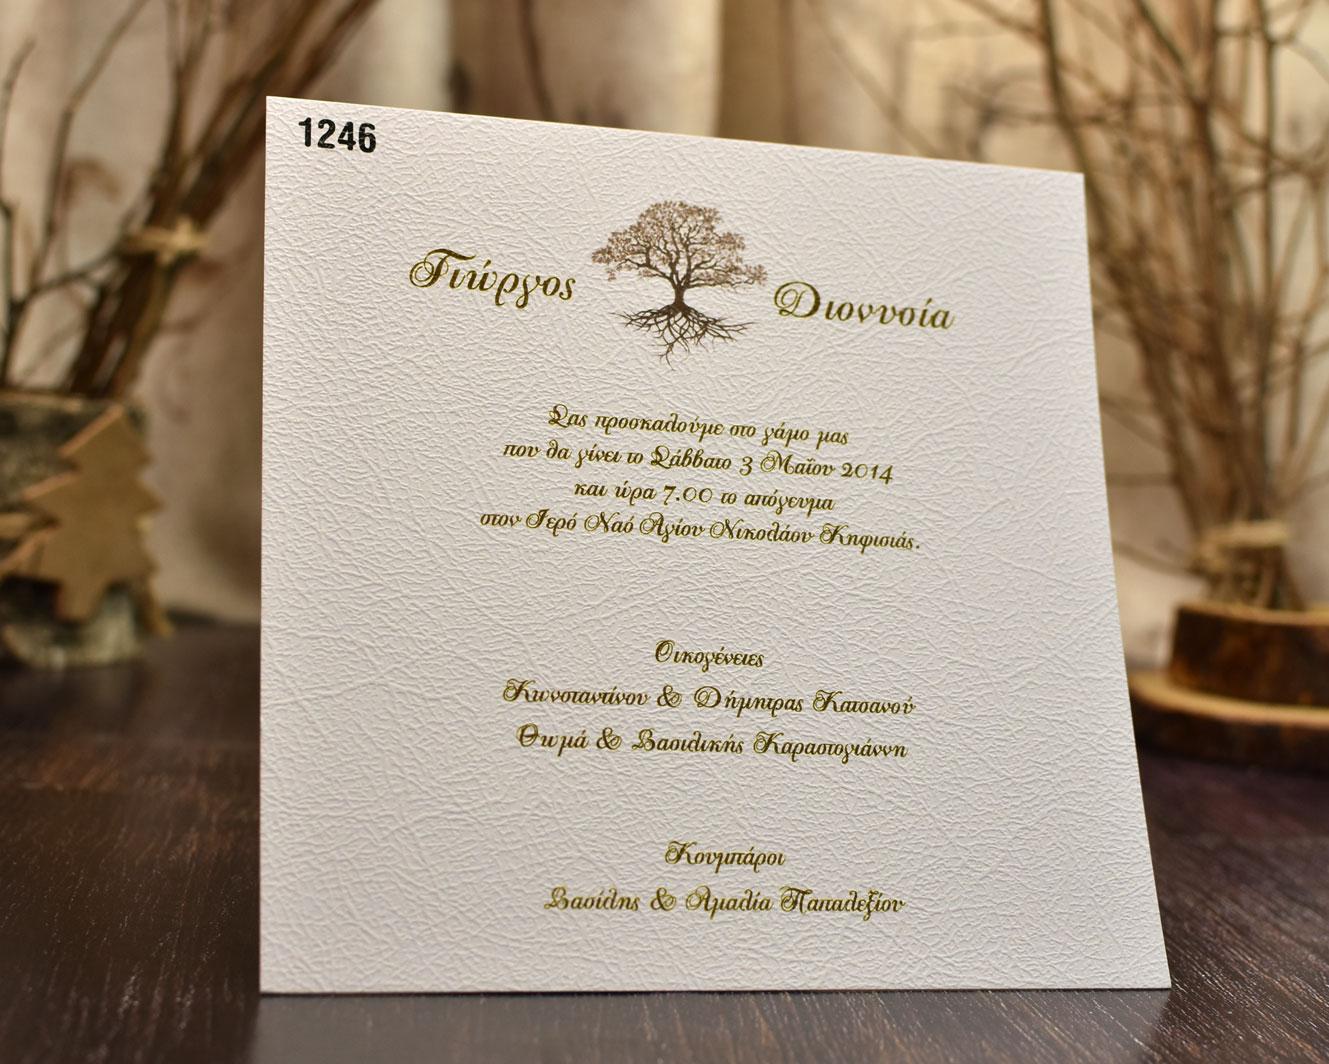 Προσκλητήριο γάμου ανάγλυφο